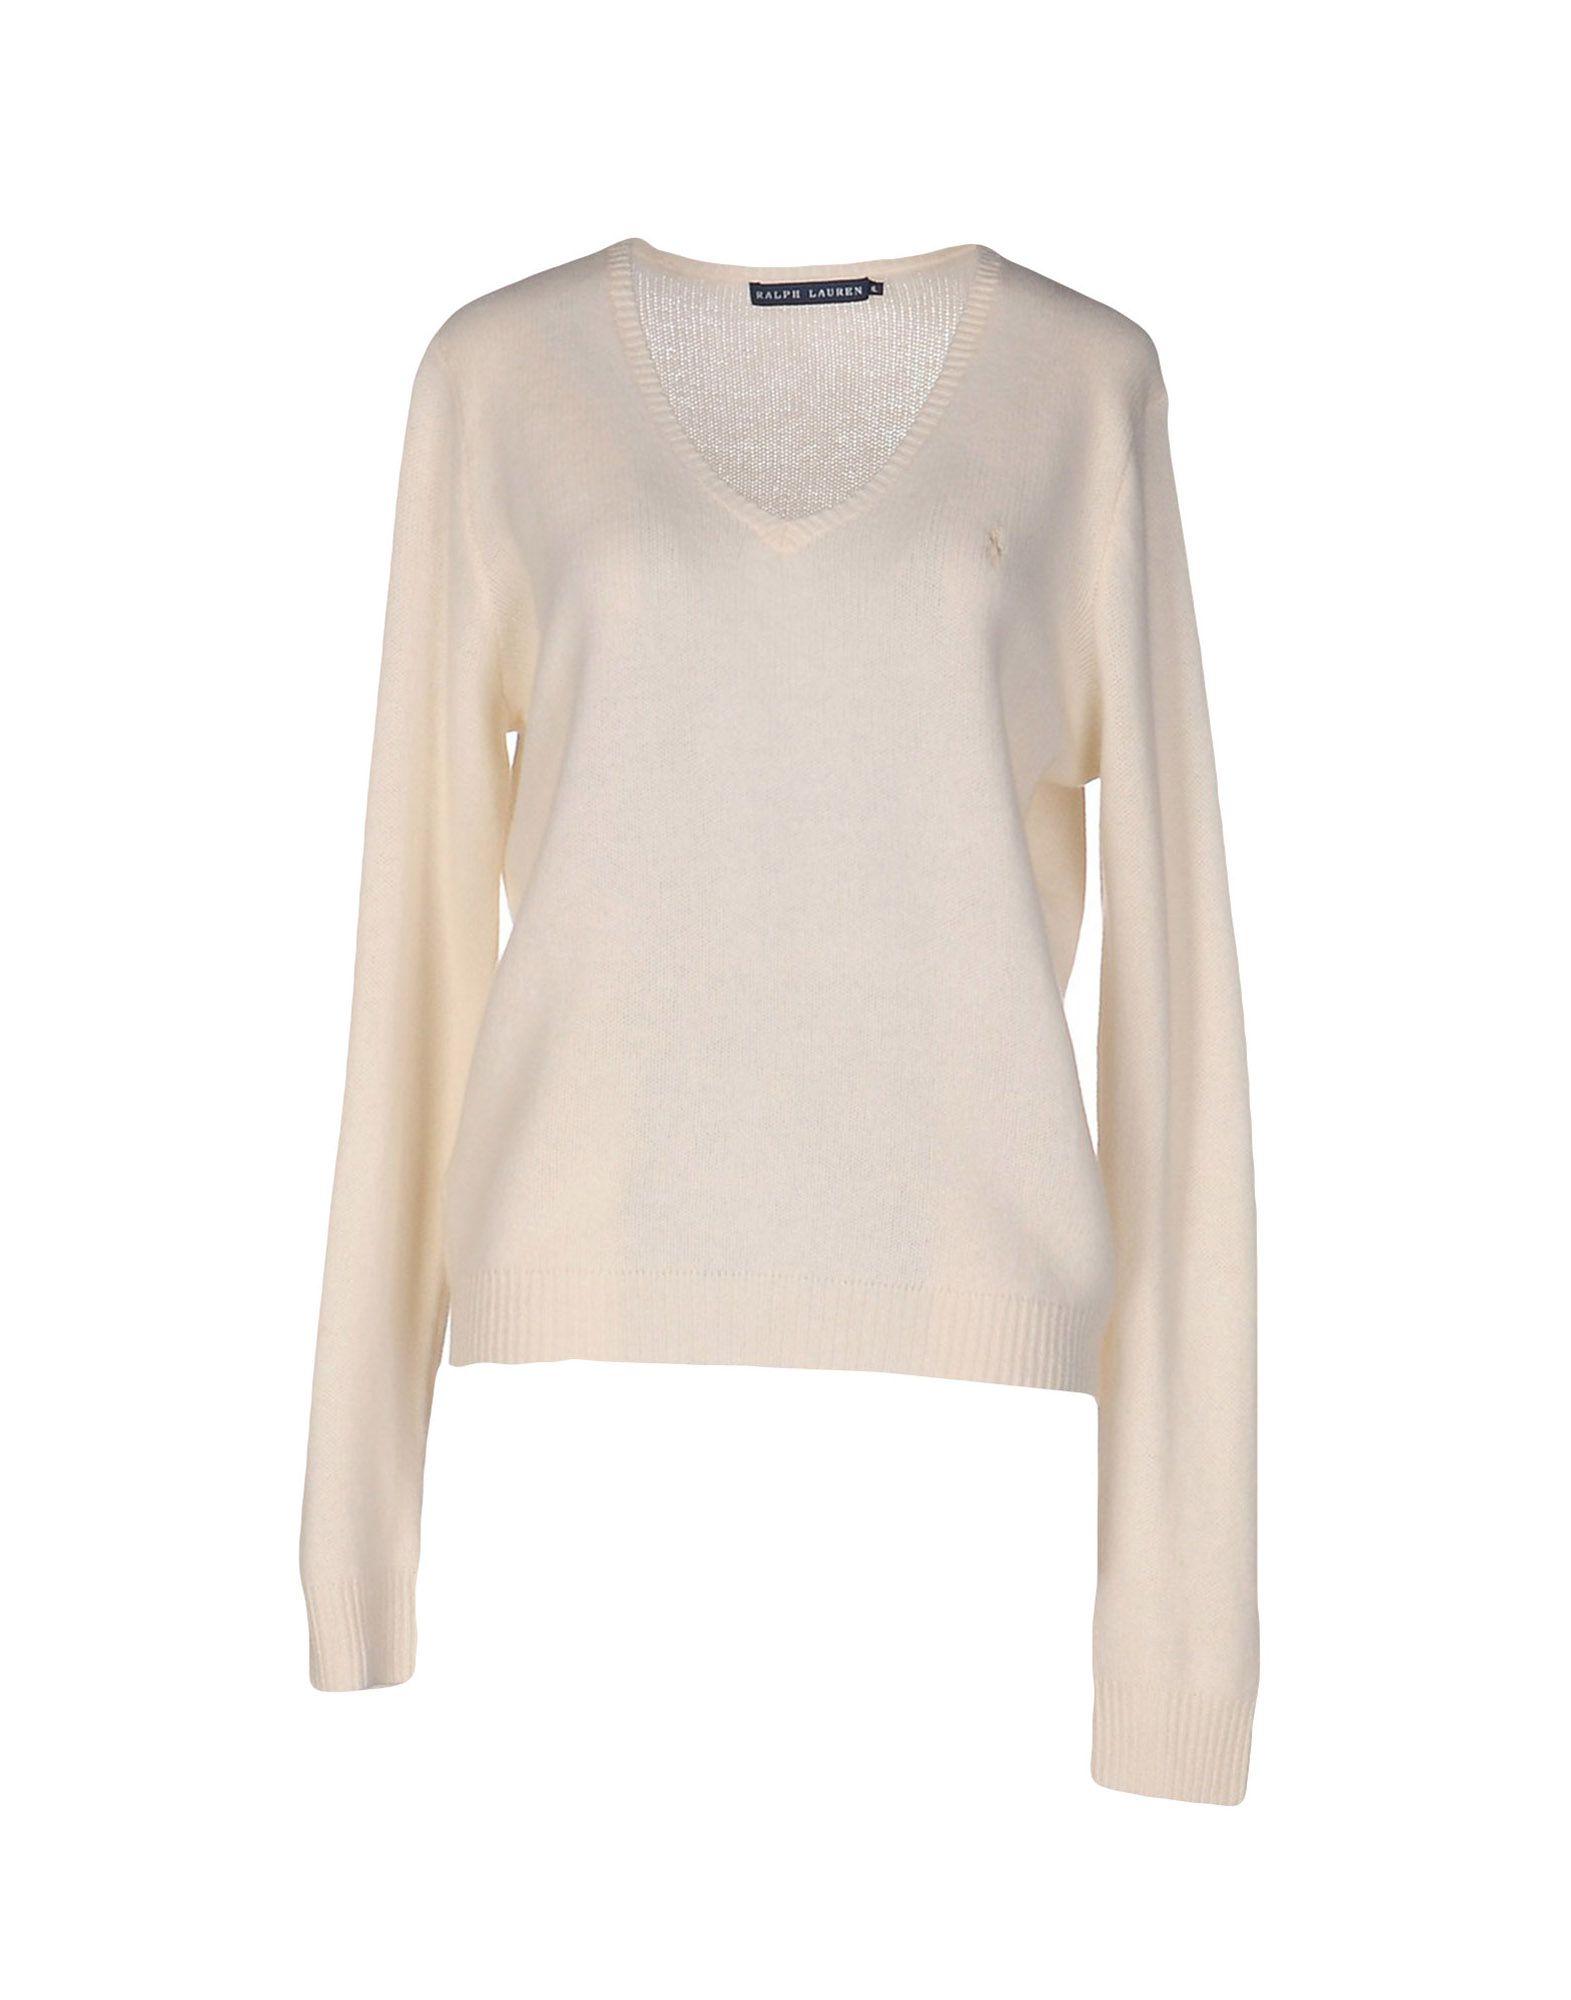 RALPH LAUREN Sweaters - Item 39670082